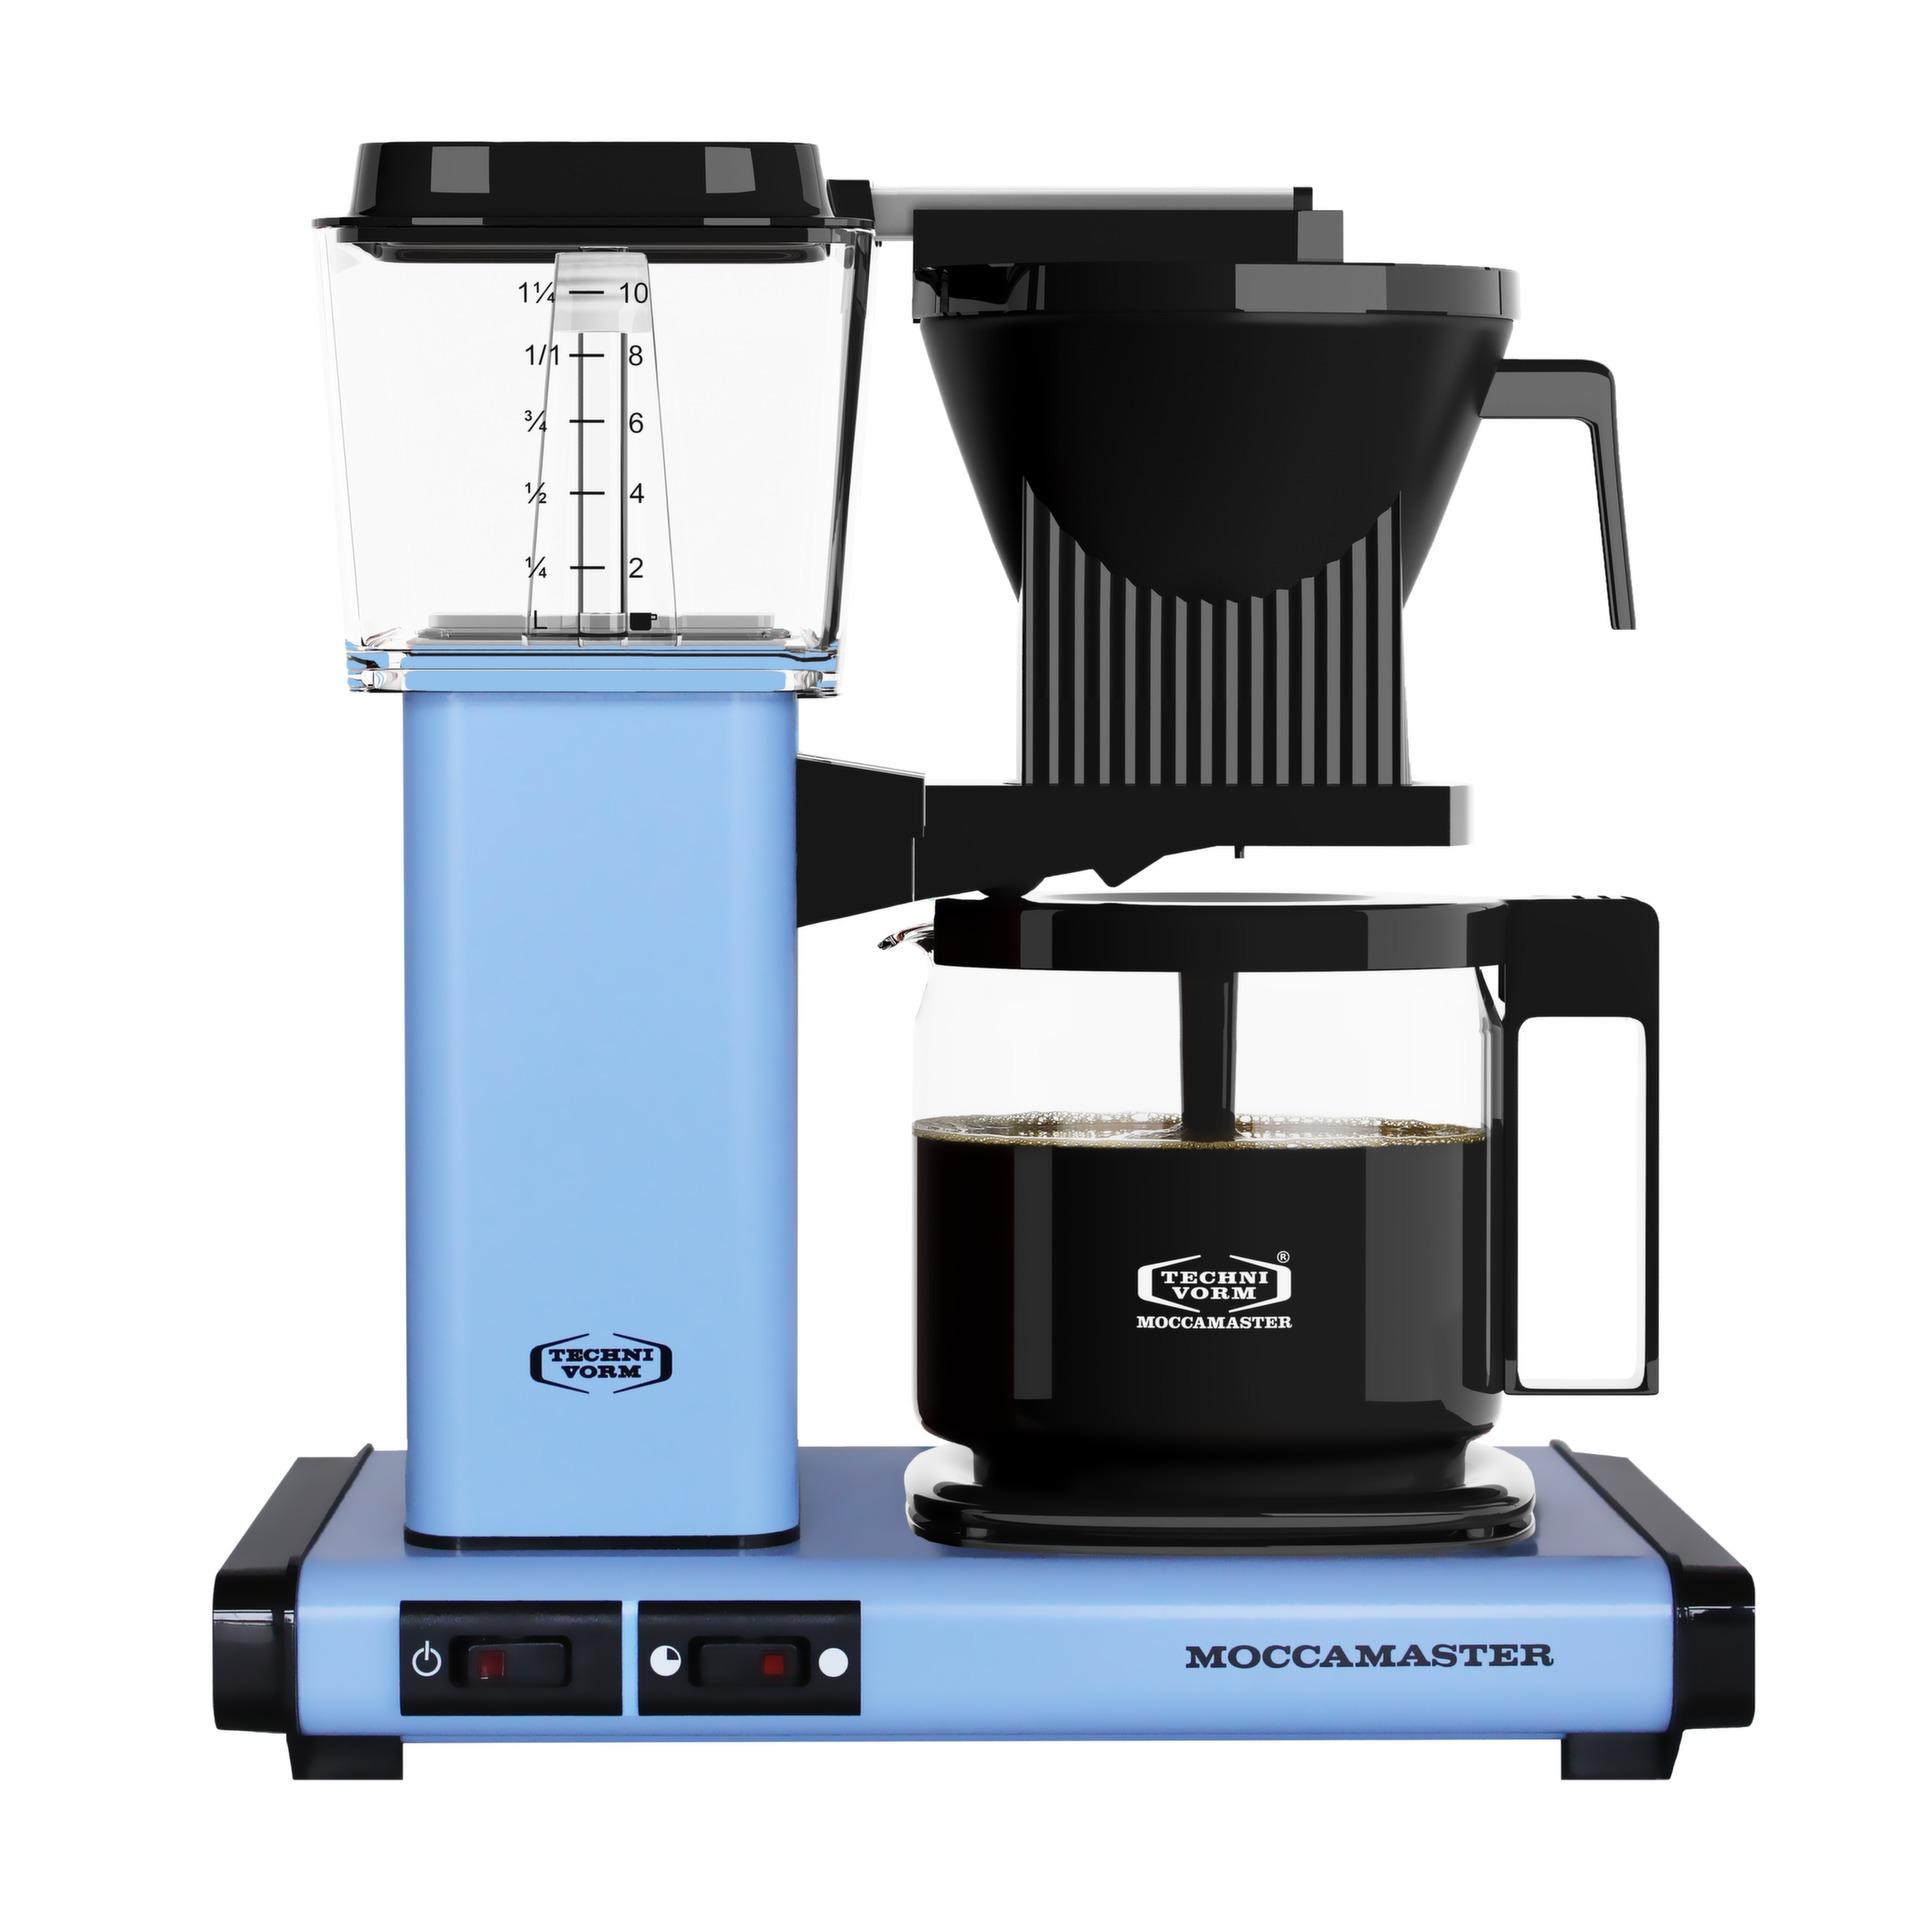 Moccamaster koffiefilter apparaat KBG741 AO pastel blauw